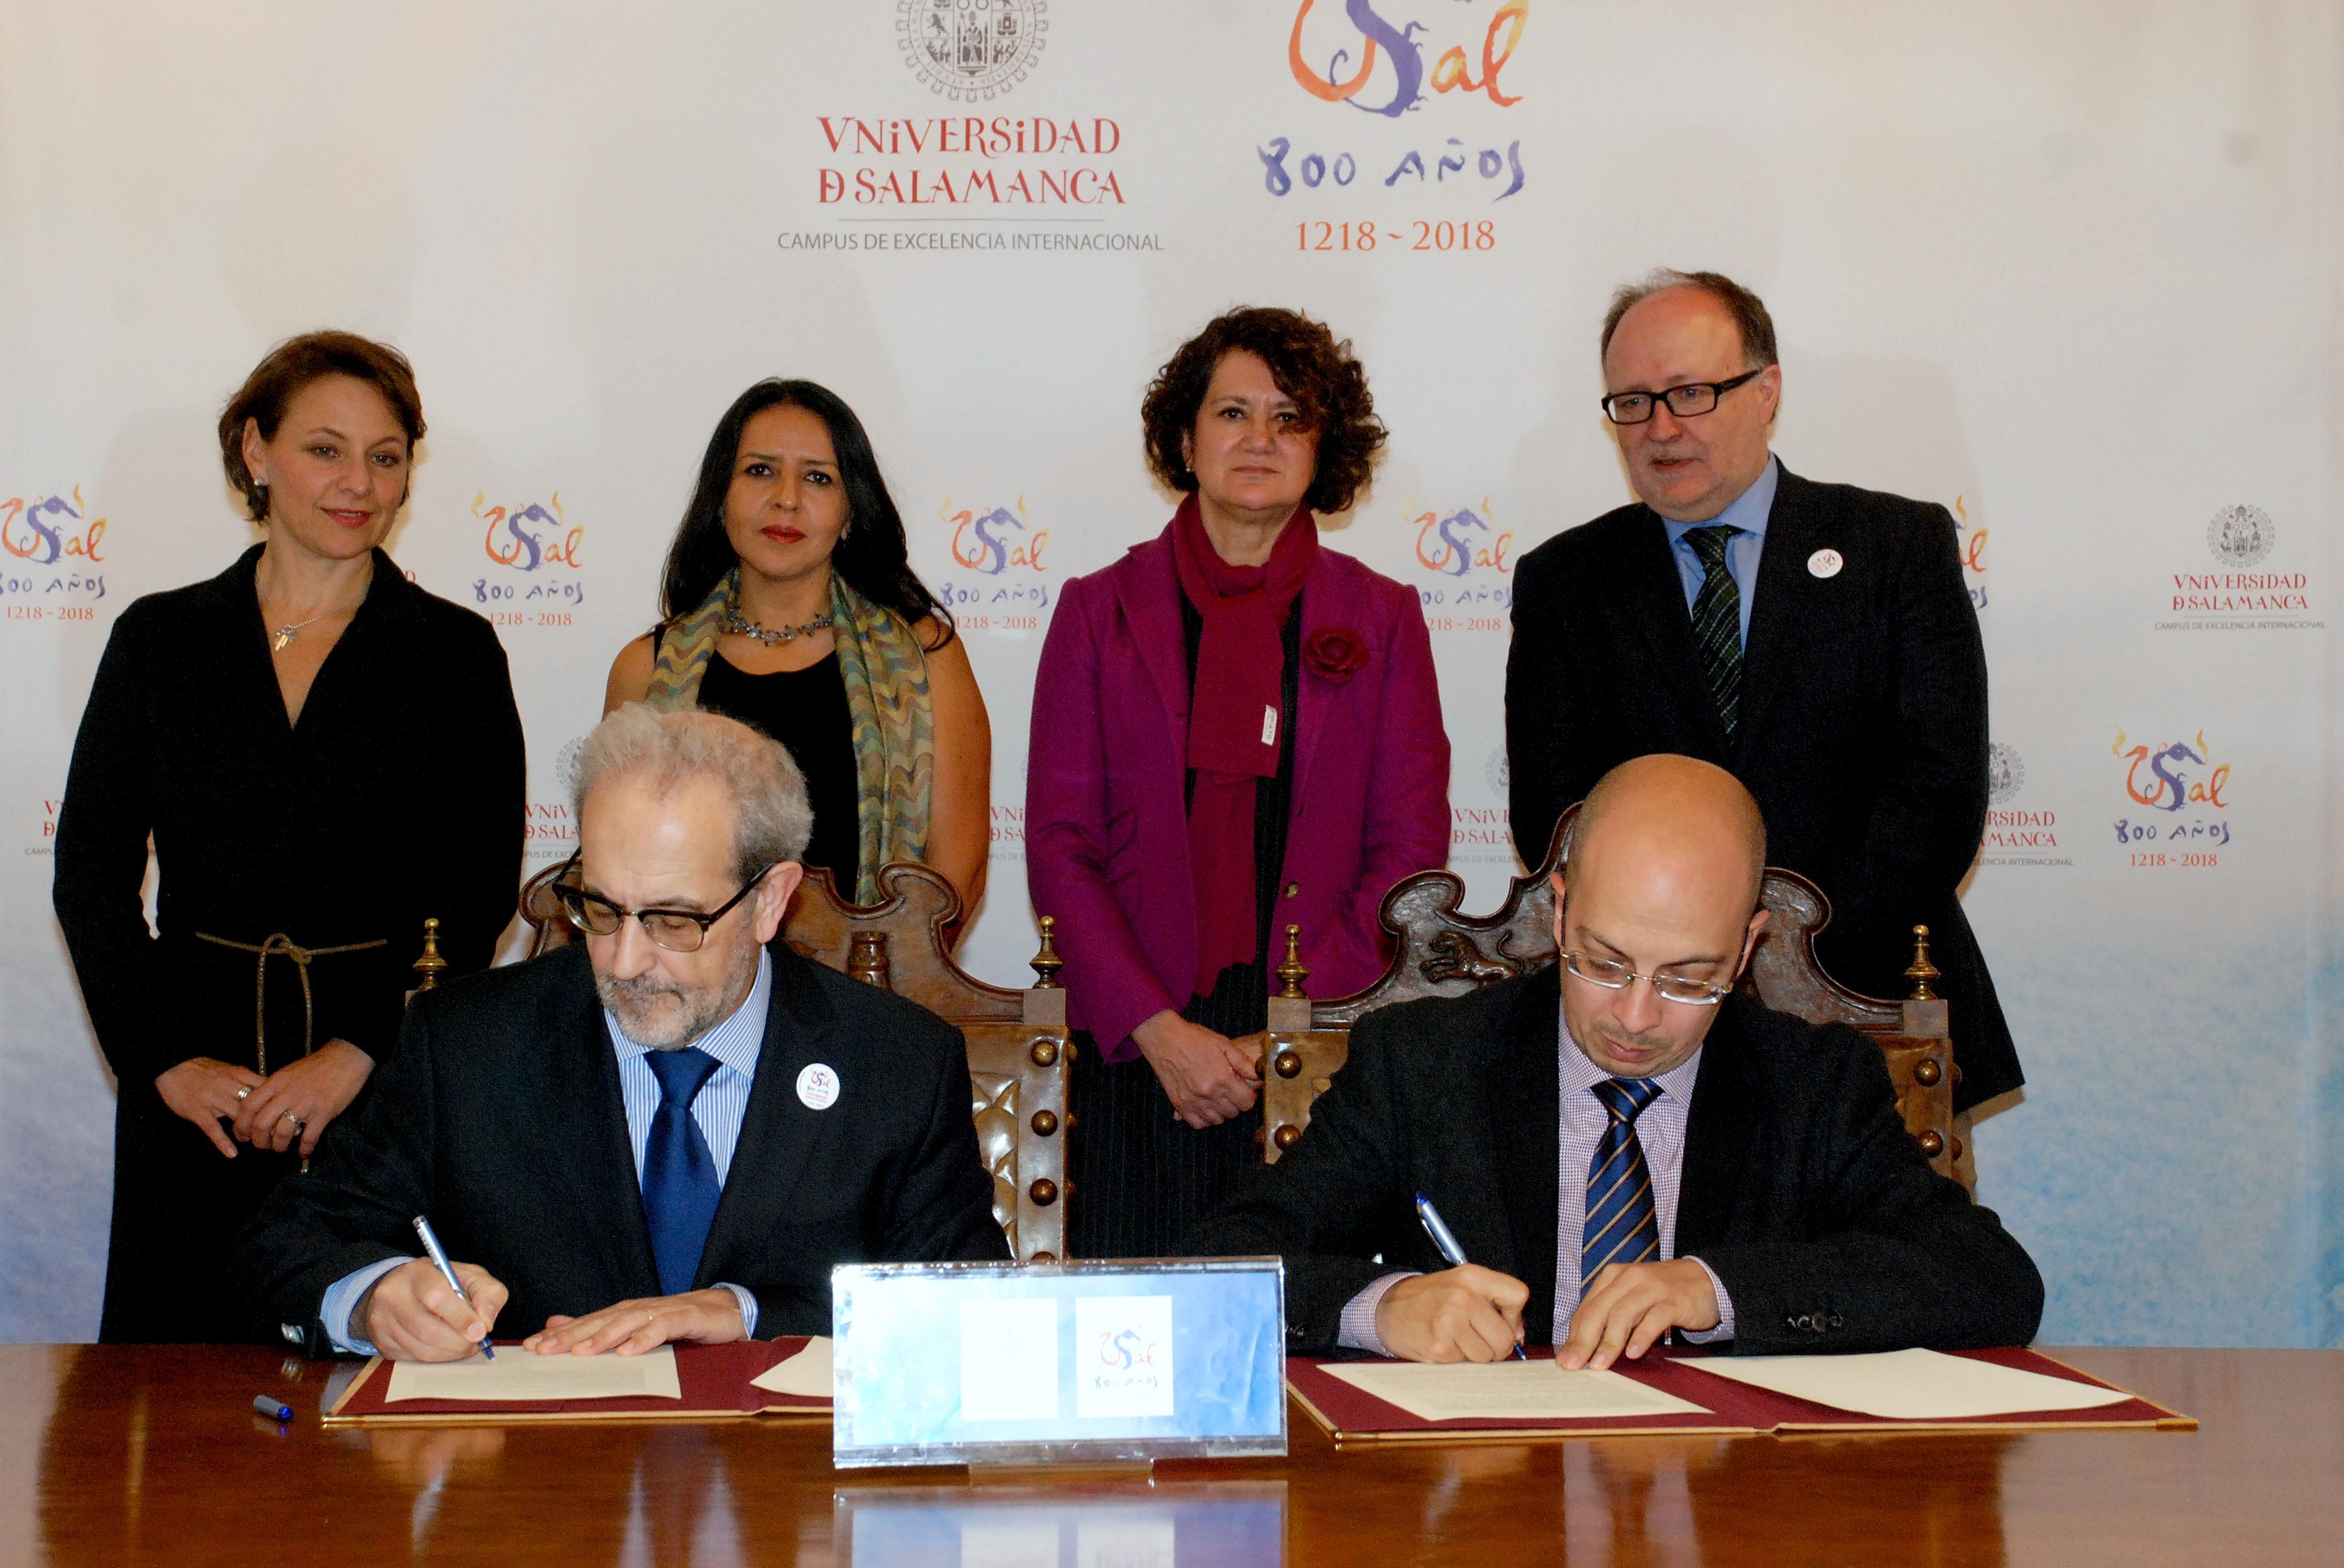 La USAL y la UNAM firman un convenio de colaboración para el desarrollo de actividades académicas, culturales y editoriales